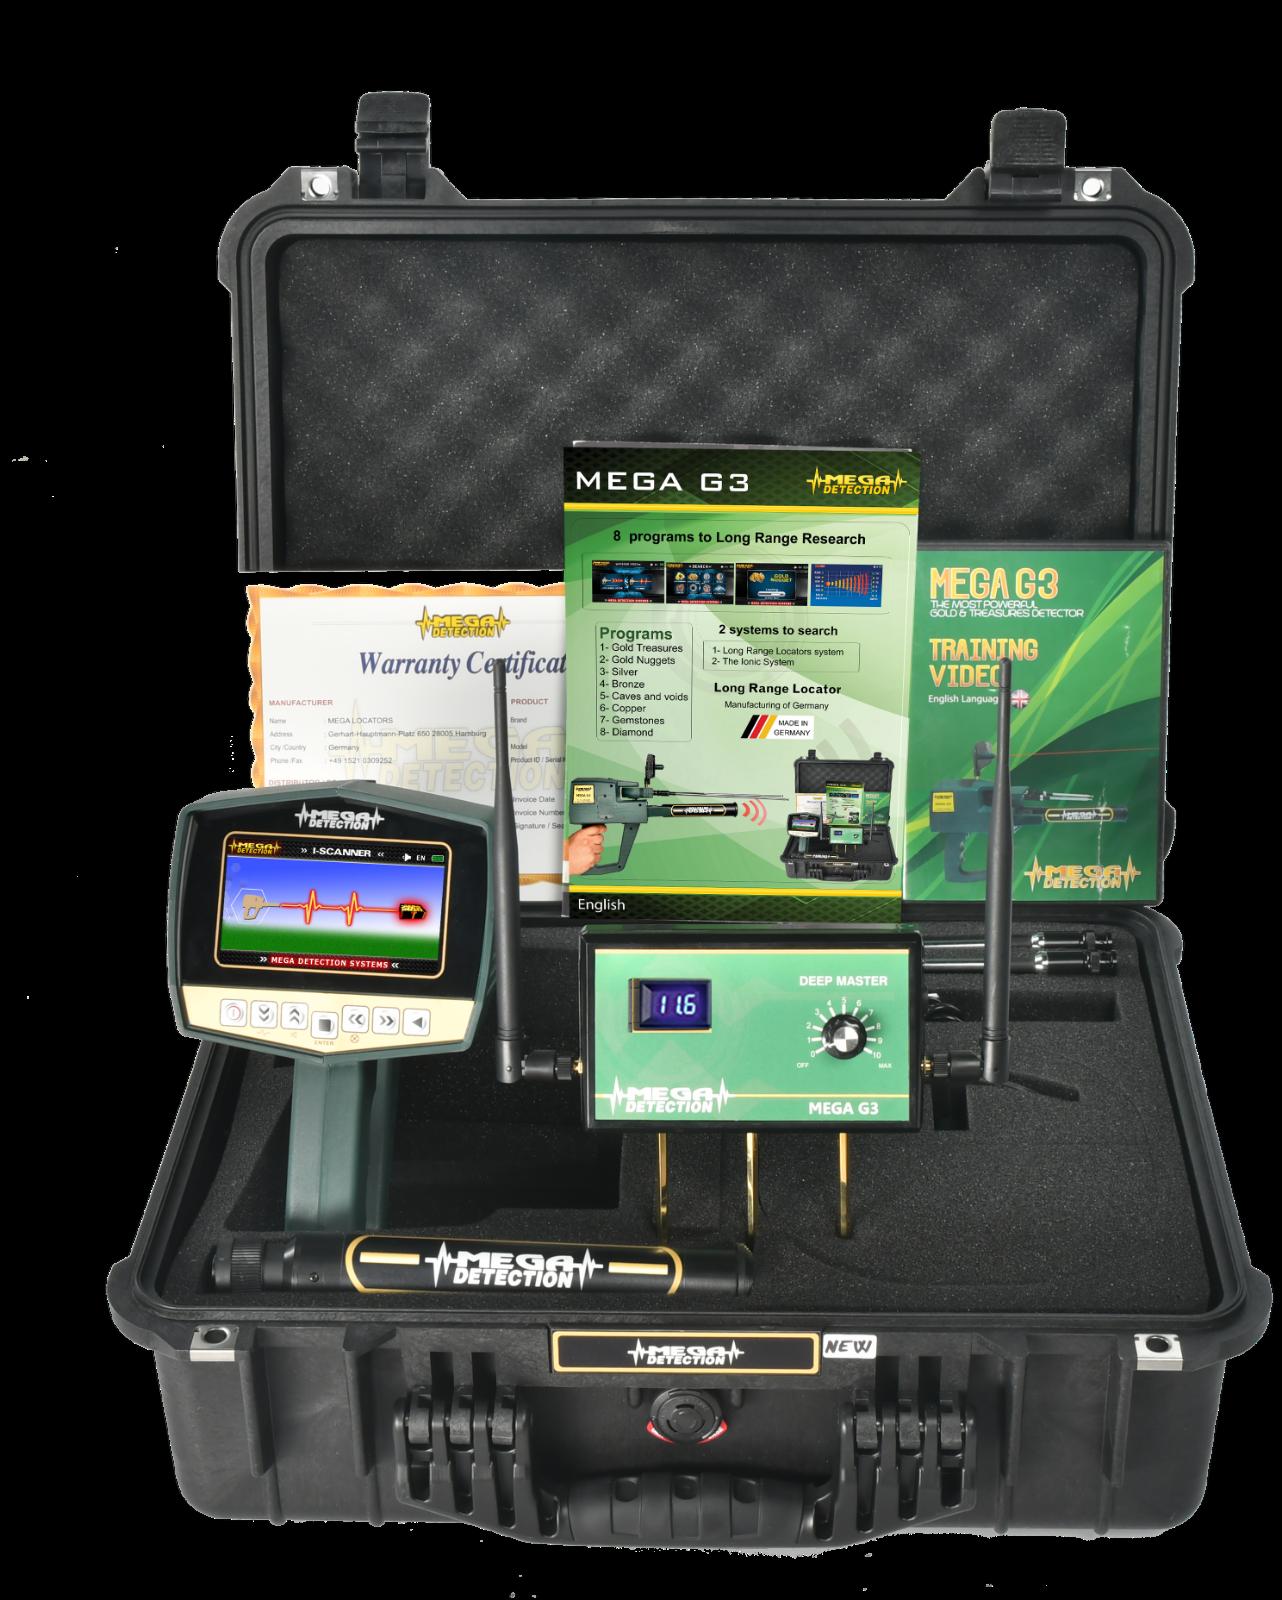 MEGA DETECTION MEGA G3 Geolocator - Professional Long Range Metal Detector